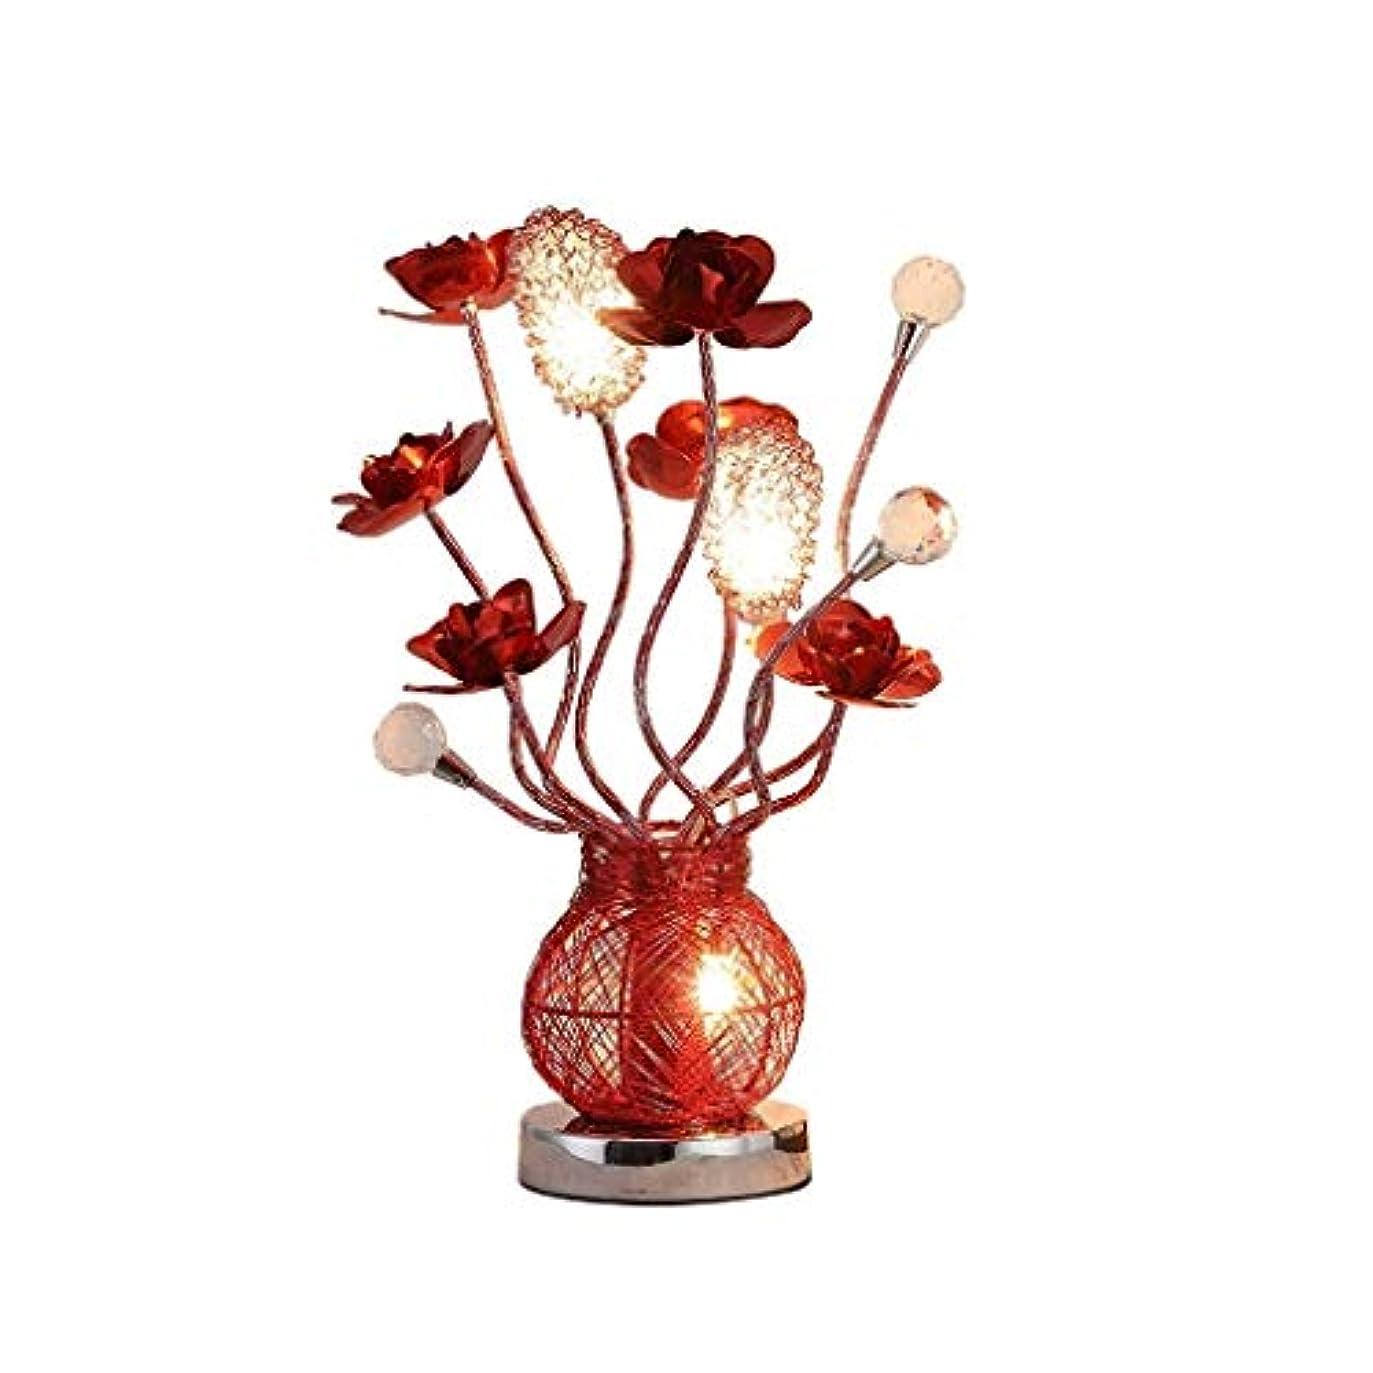 メダリスト準備ベスト高品質テーブルランプ 創造的な寝室のベッドサイドクリスタルテーブルランプヨーロッパの赤いバラのギフトLEDナイトライト エネルギーを節約